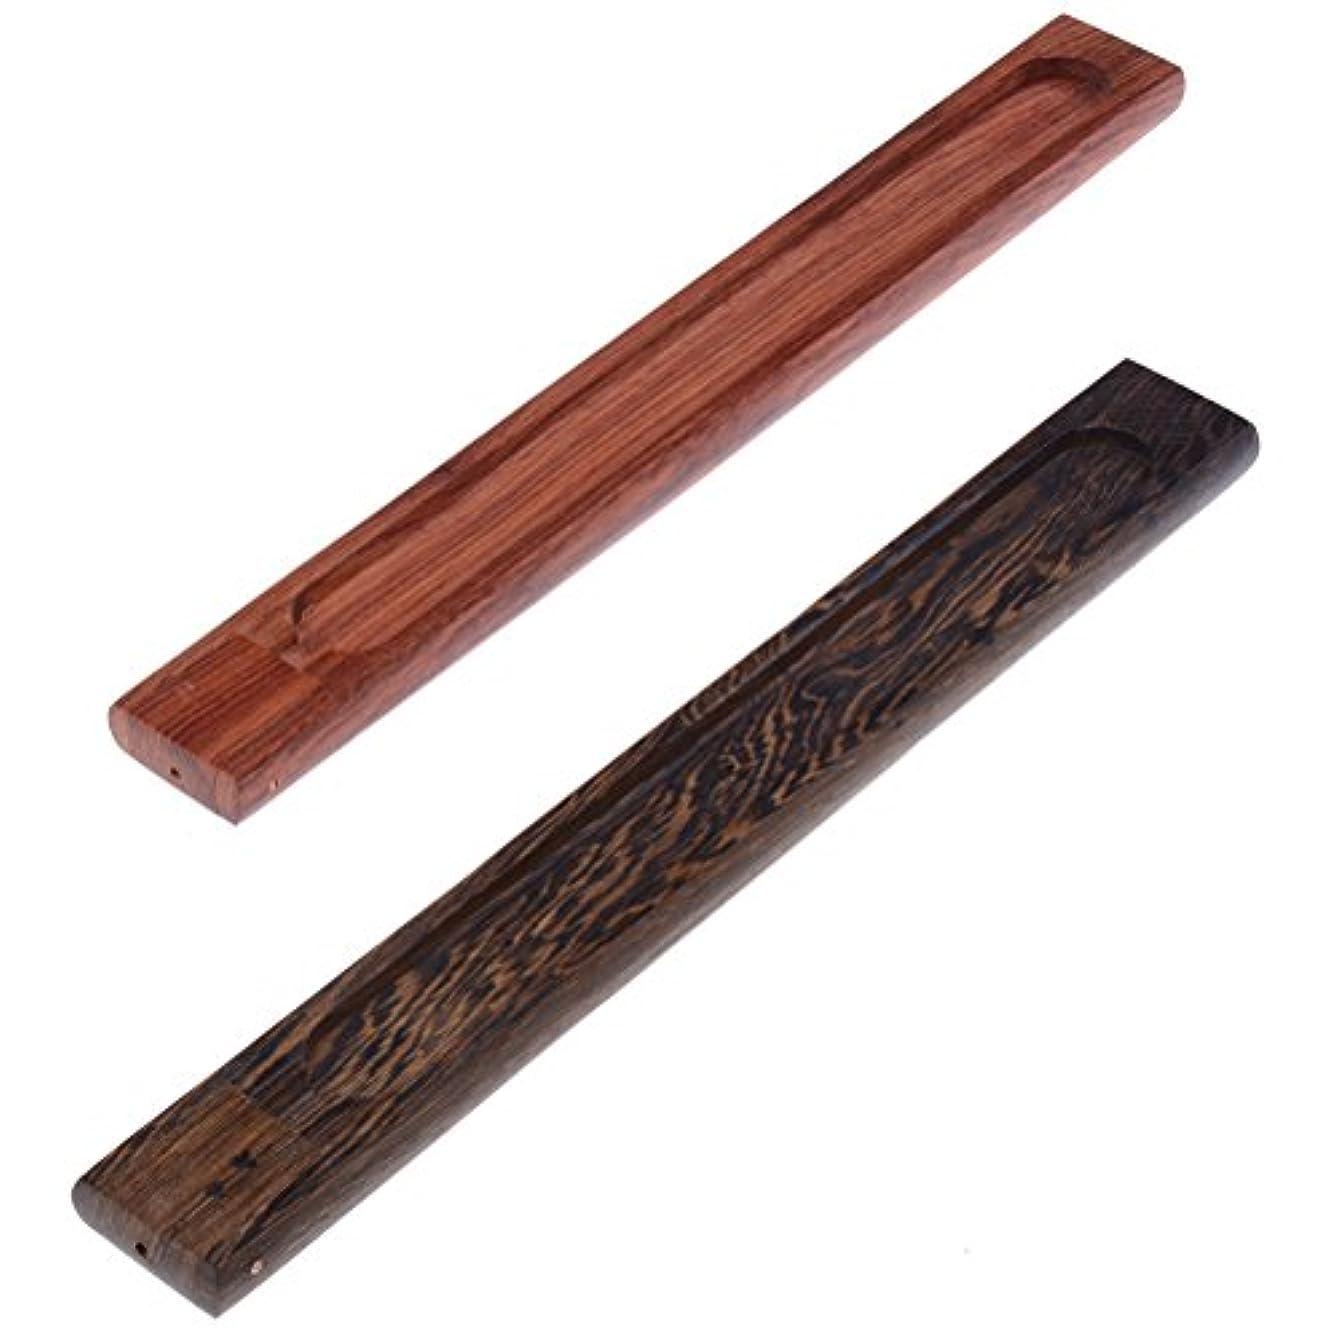 本島過剰yiphates 2ピース木製香炉スティックホルダーAshキャッチャー木製トレイwith Adjustable Incense Stick Holder